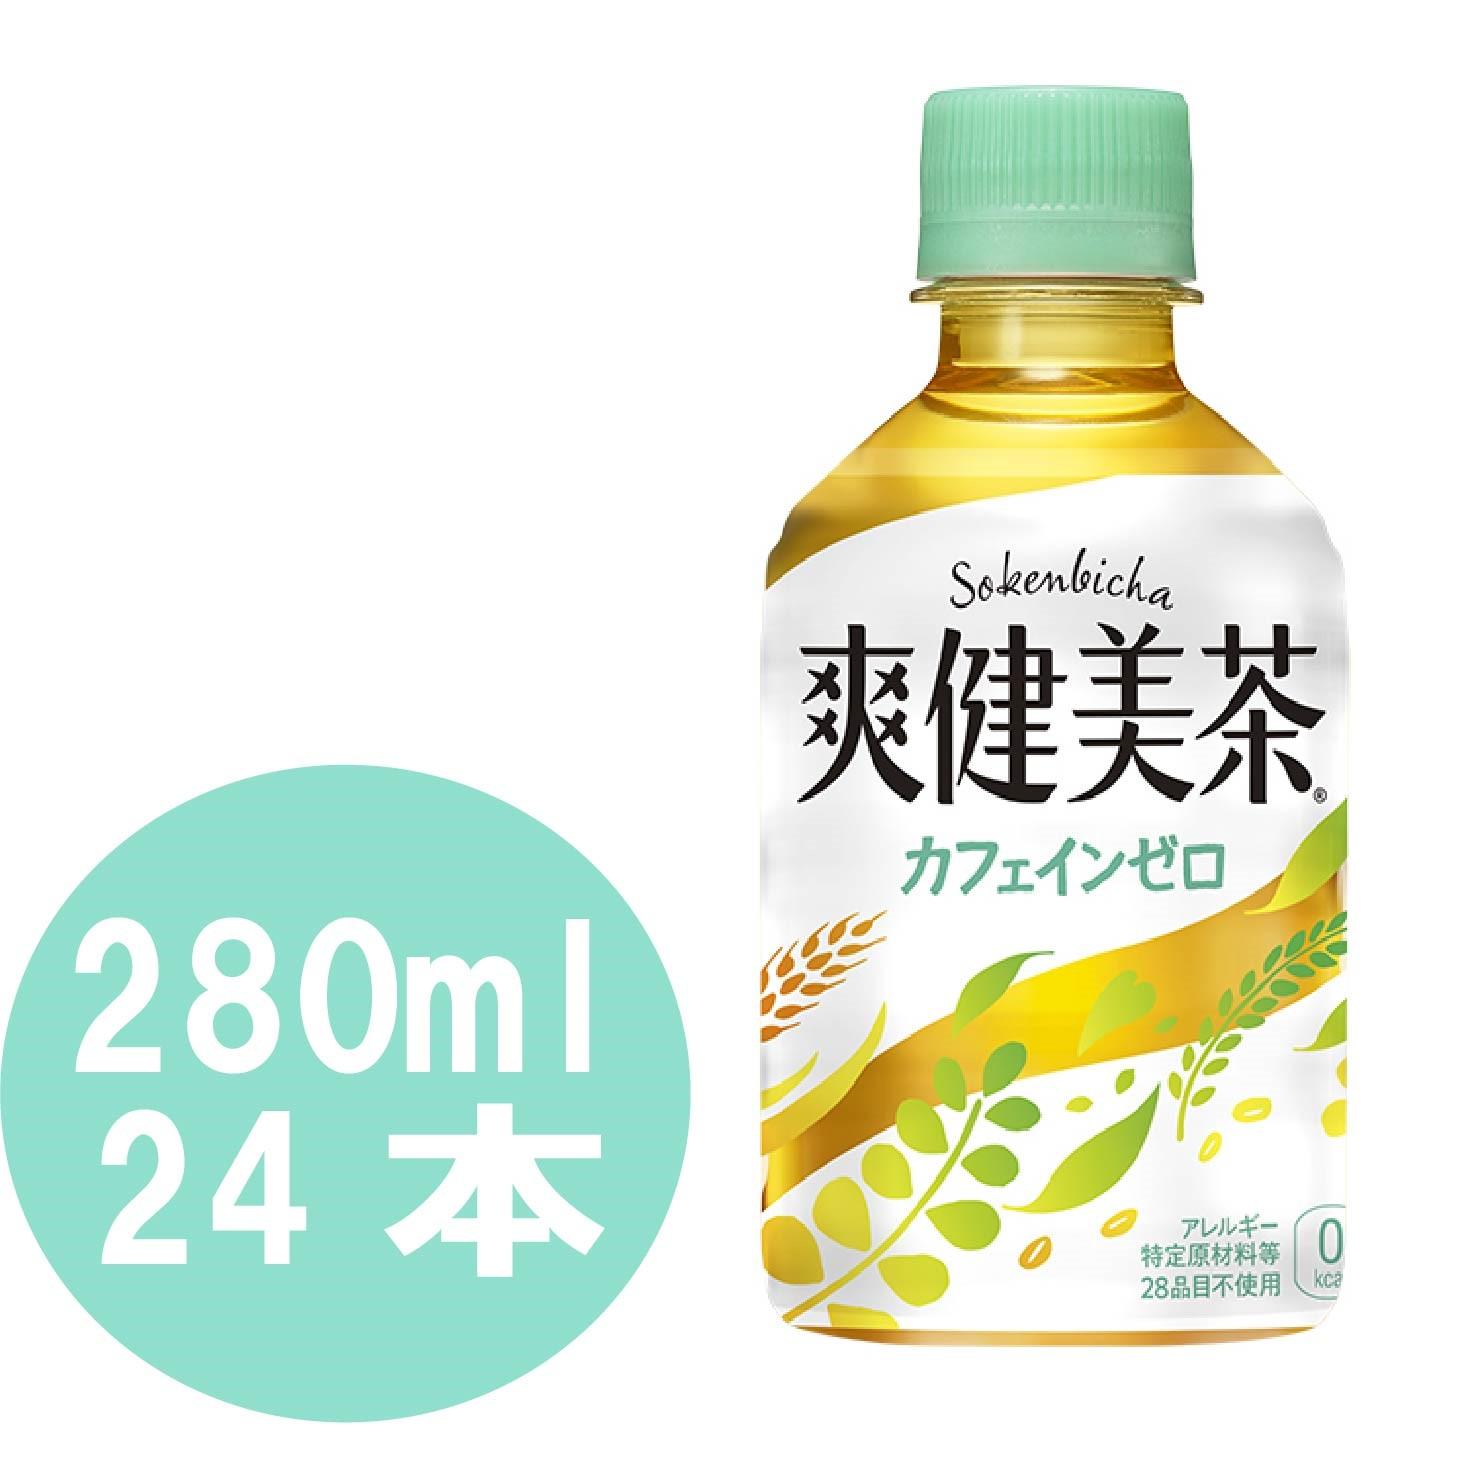 こんなに飲みやすかったっけ すっきり爽やか 新 セール商品 280mlPET×24本 爽健美茶 登場大人気アイテム